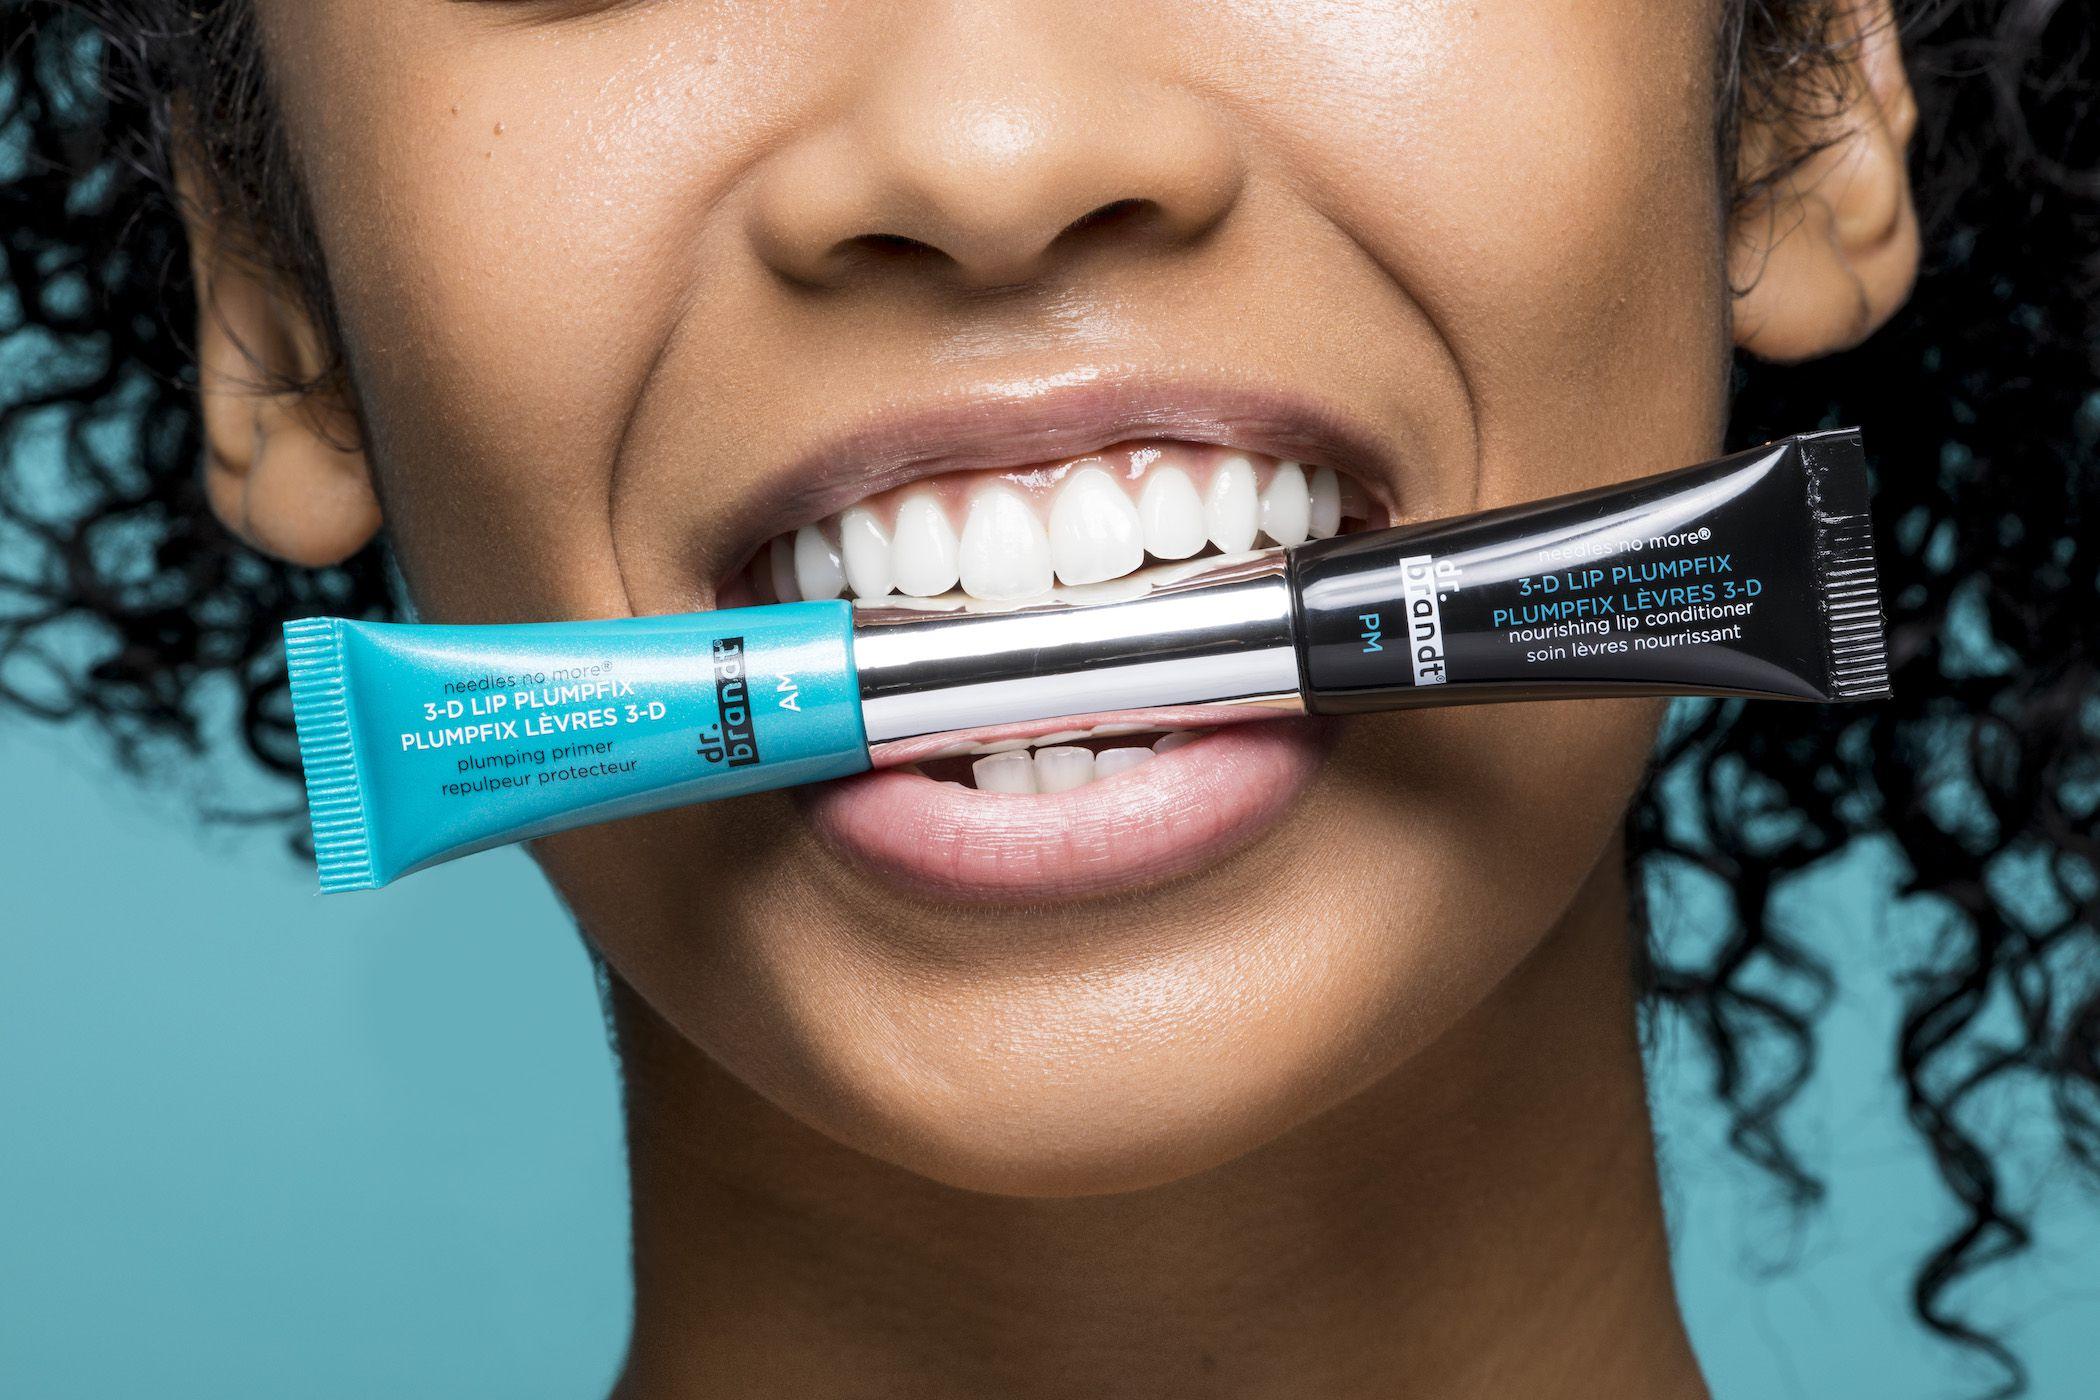 Dva nova proizvoda iz laboratorija dr. brandta za volumen usana i kože lica